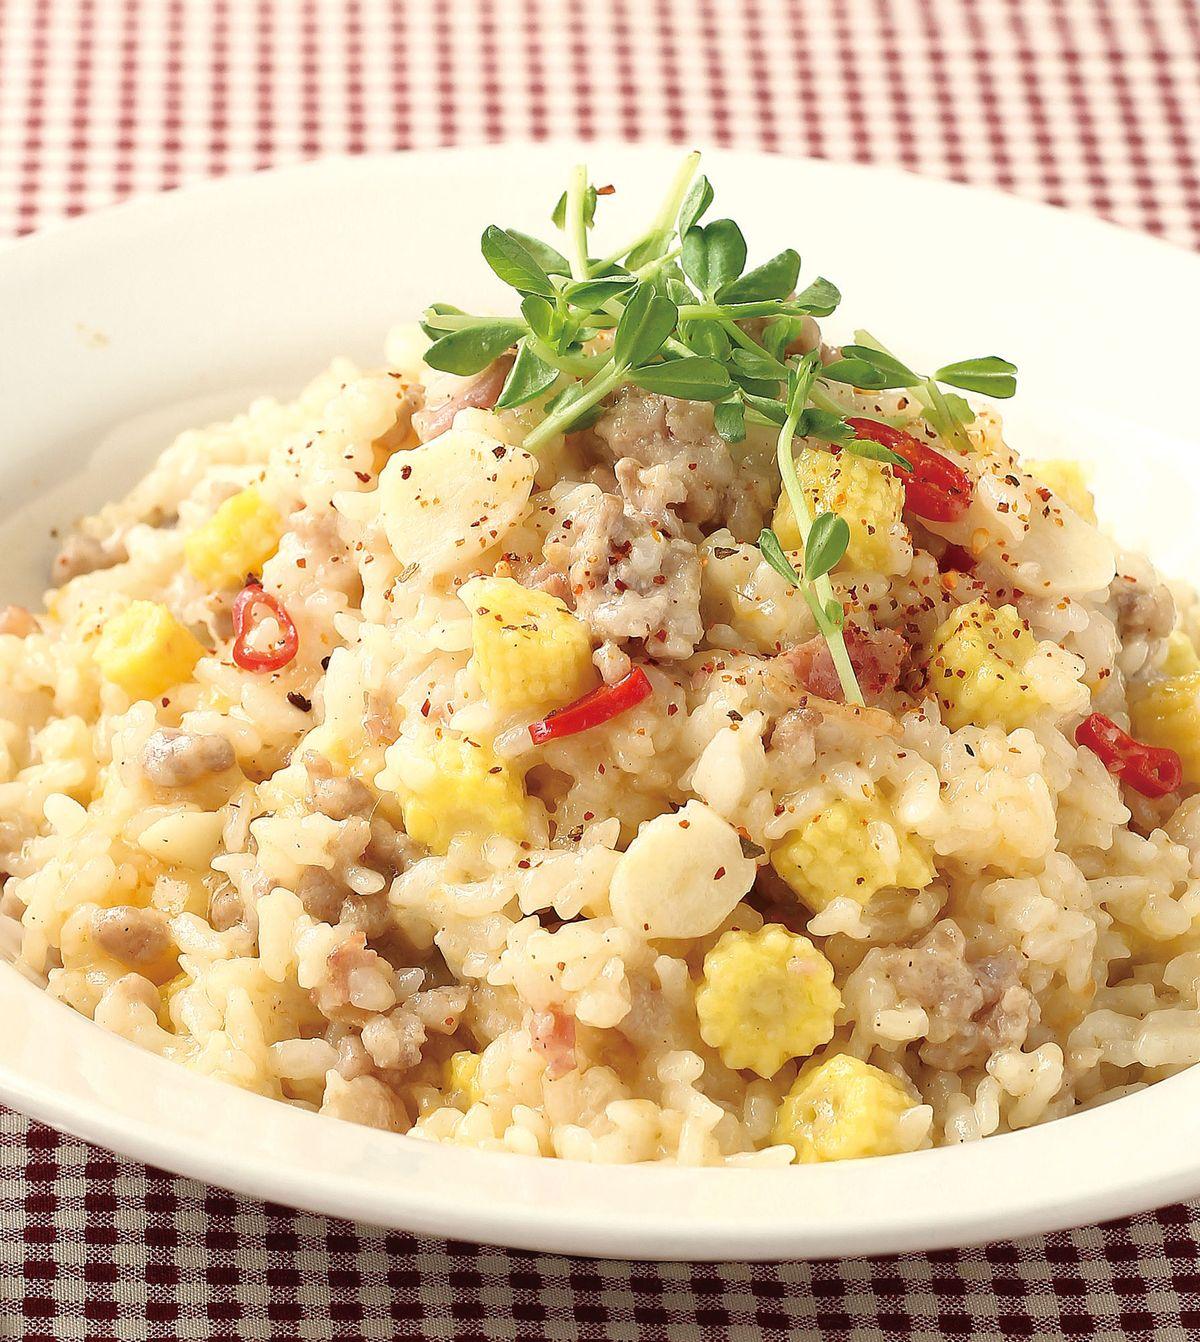 食譜:培根玉米燉飯